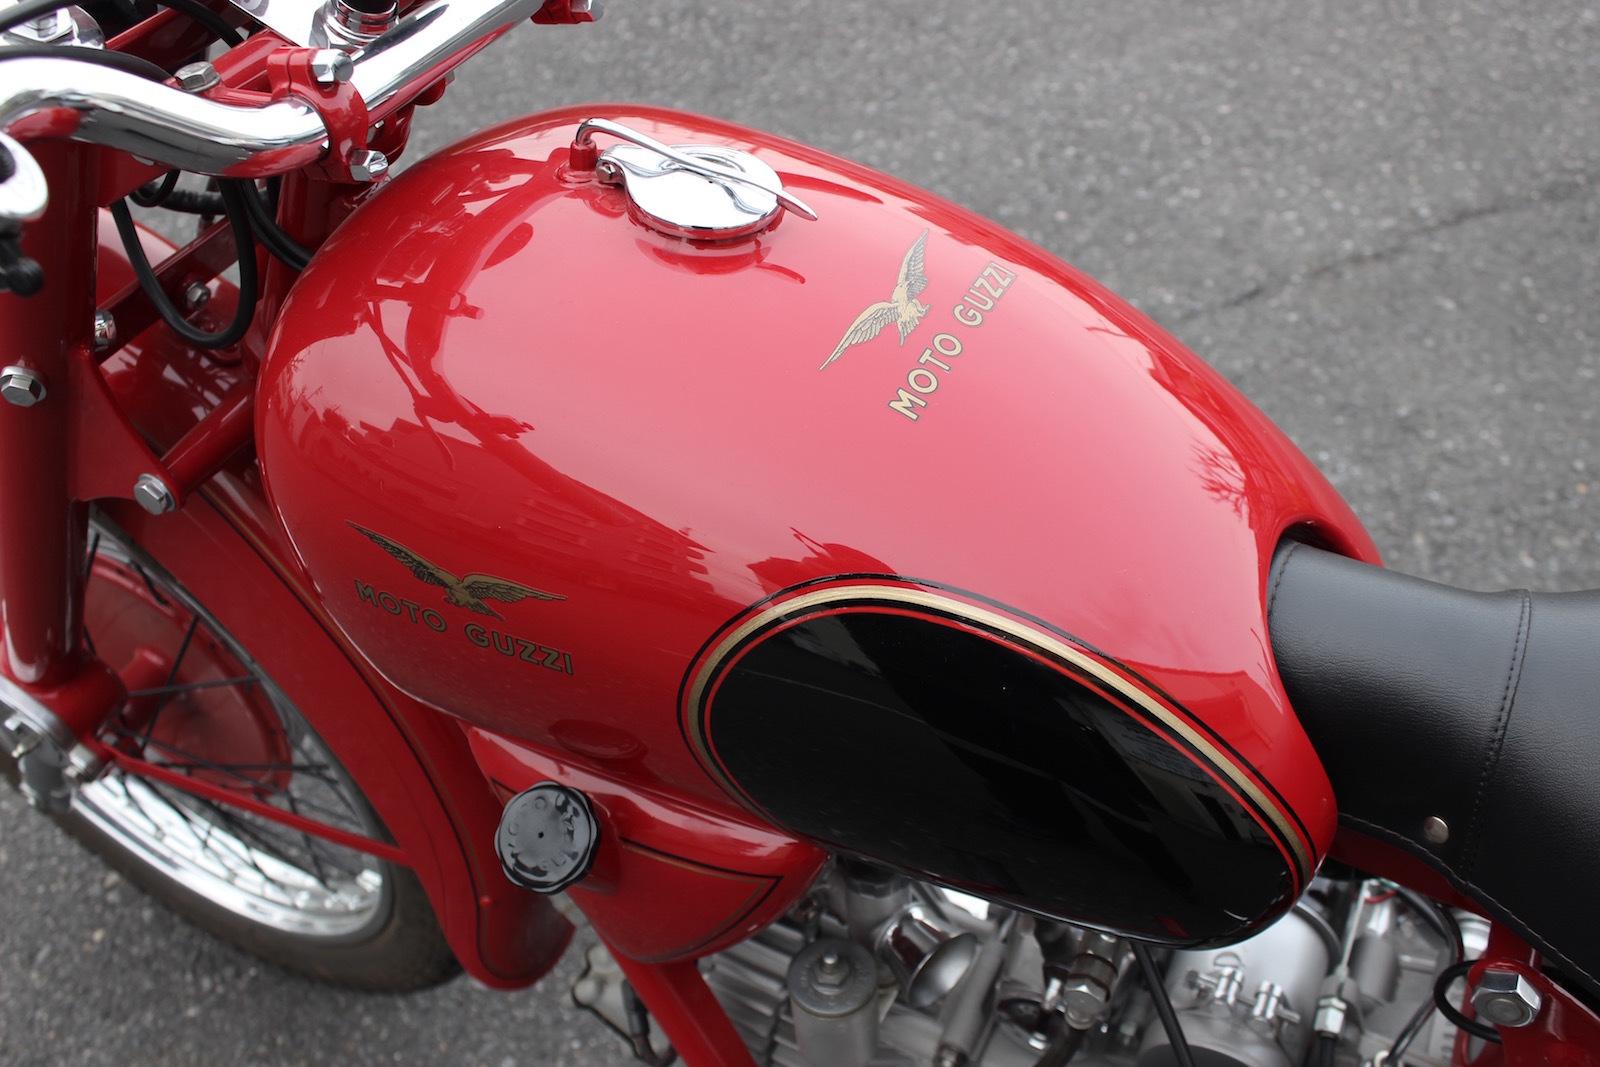 Moto Guzzi Airone Turismo 入荷。_a0208987_17580875.jpg